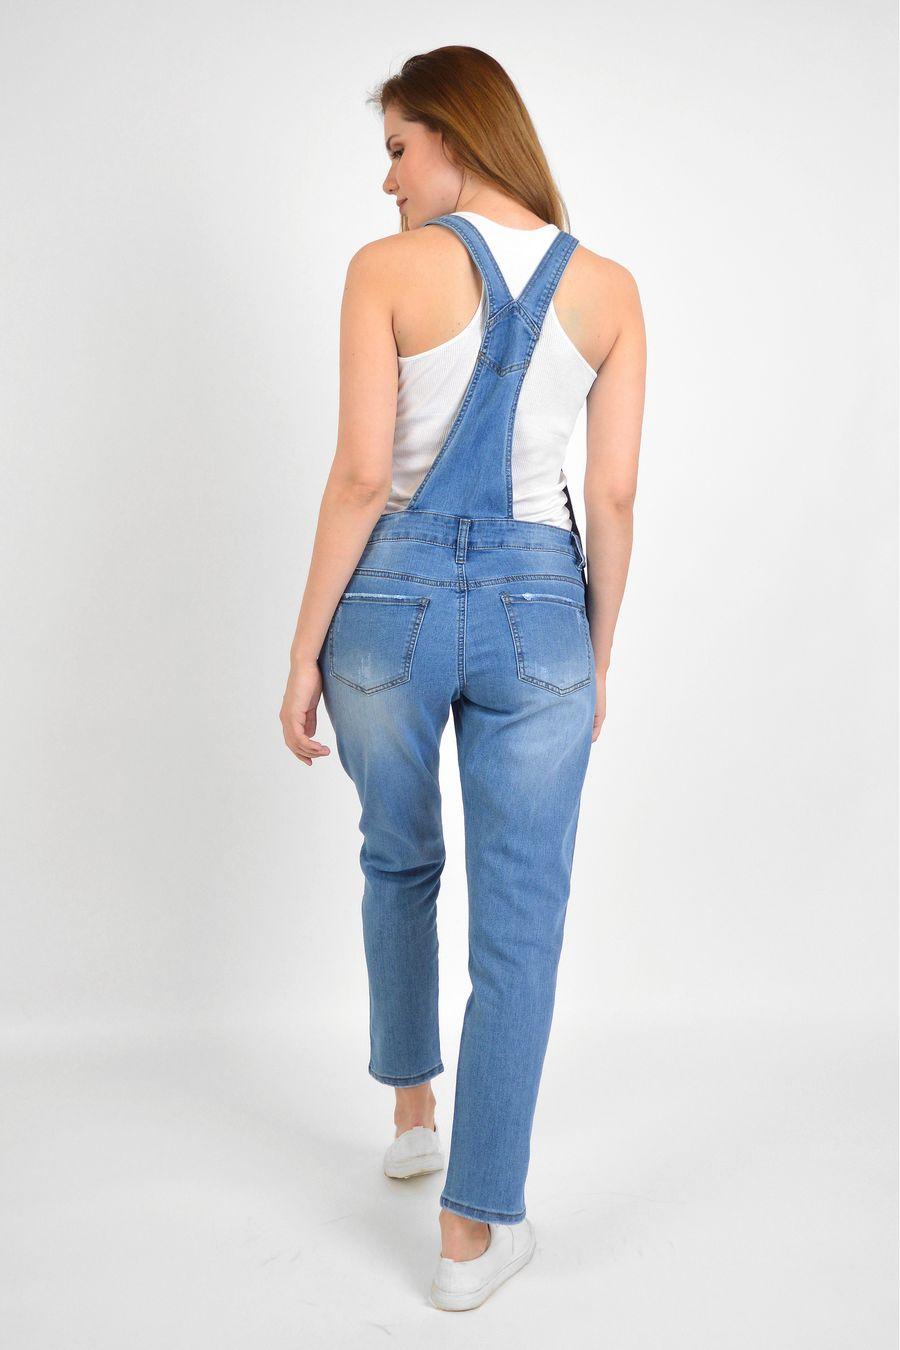 Комбинезон женский Baccino 3041 джинсовый - фото 5